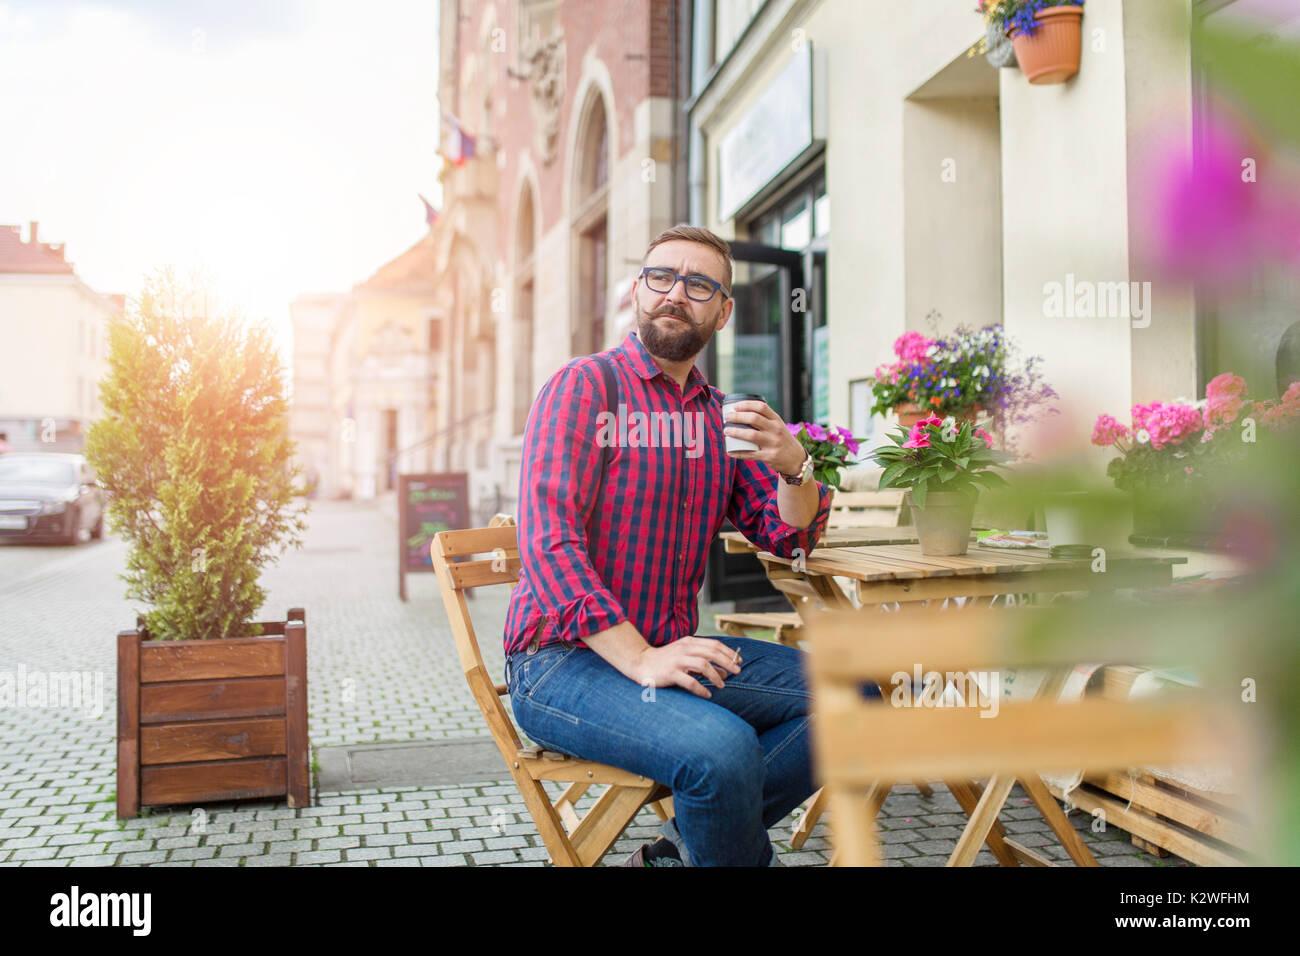 Uomo seduto nella caffetteria giardino e bere il caffè da asporto Immagini Stock